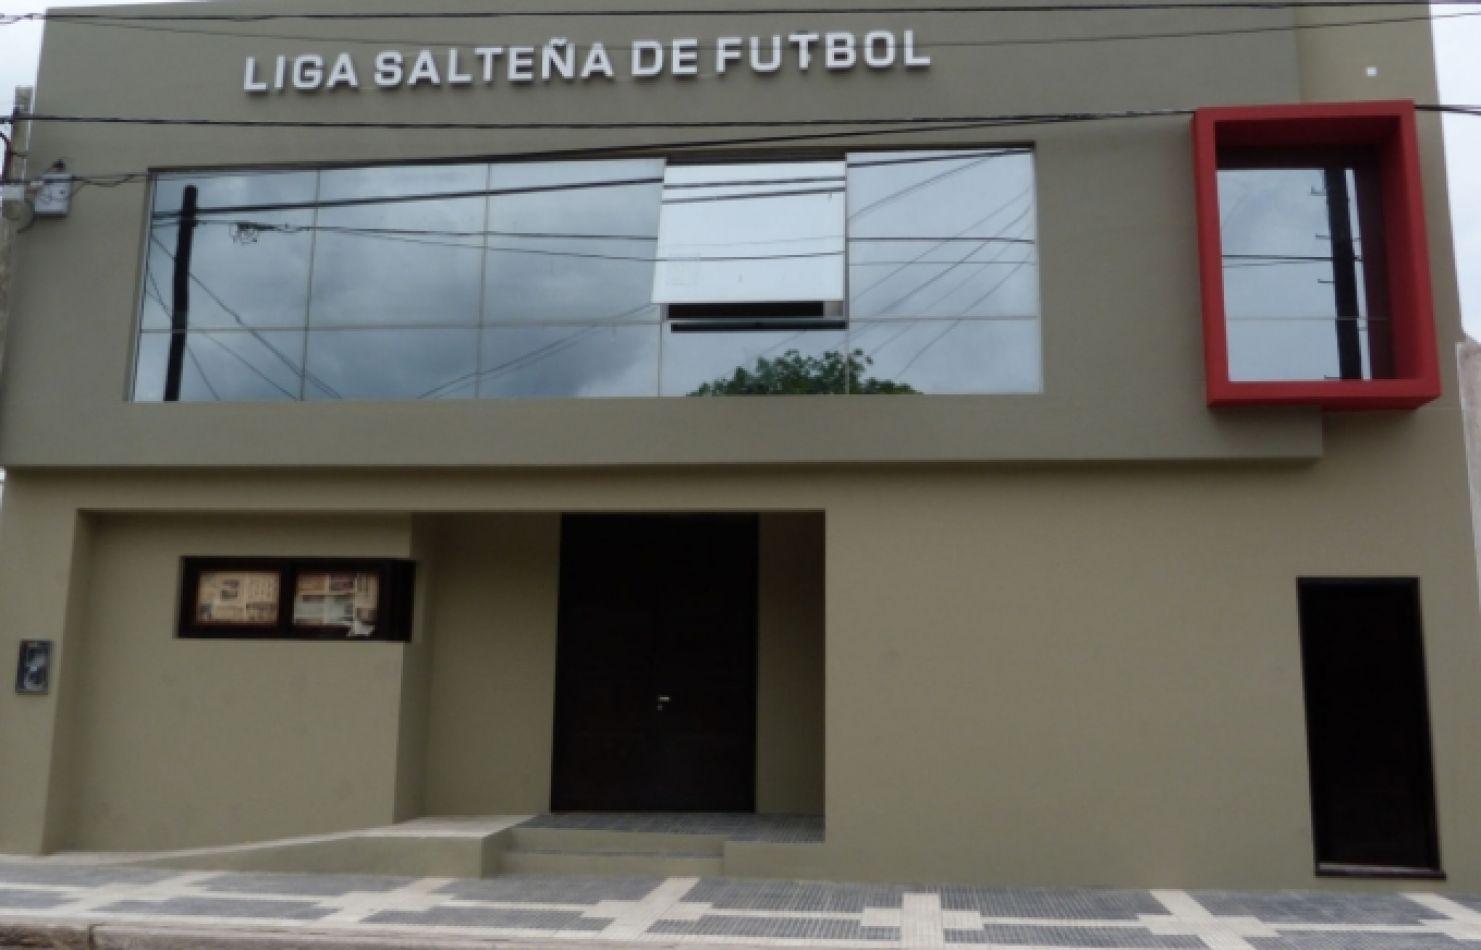 Liga Salteña de Fútbol: Hoy la Justicia definirá si habrá Asamblea